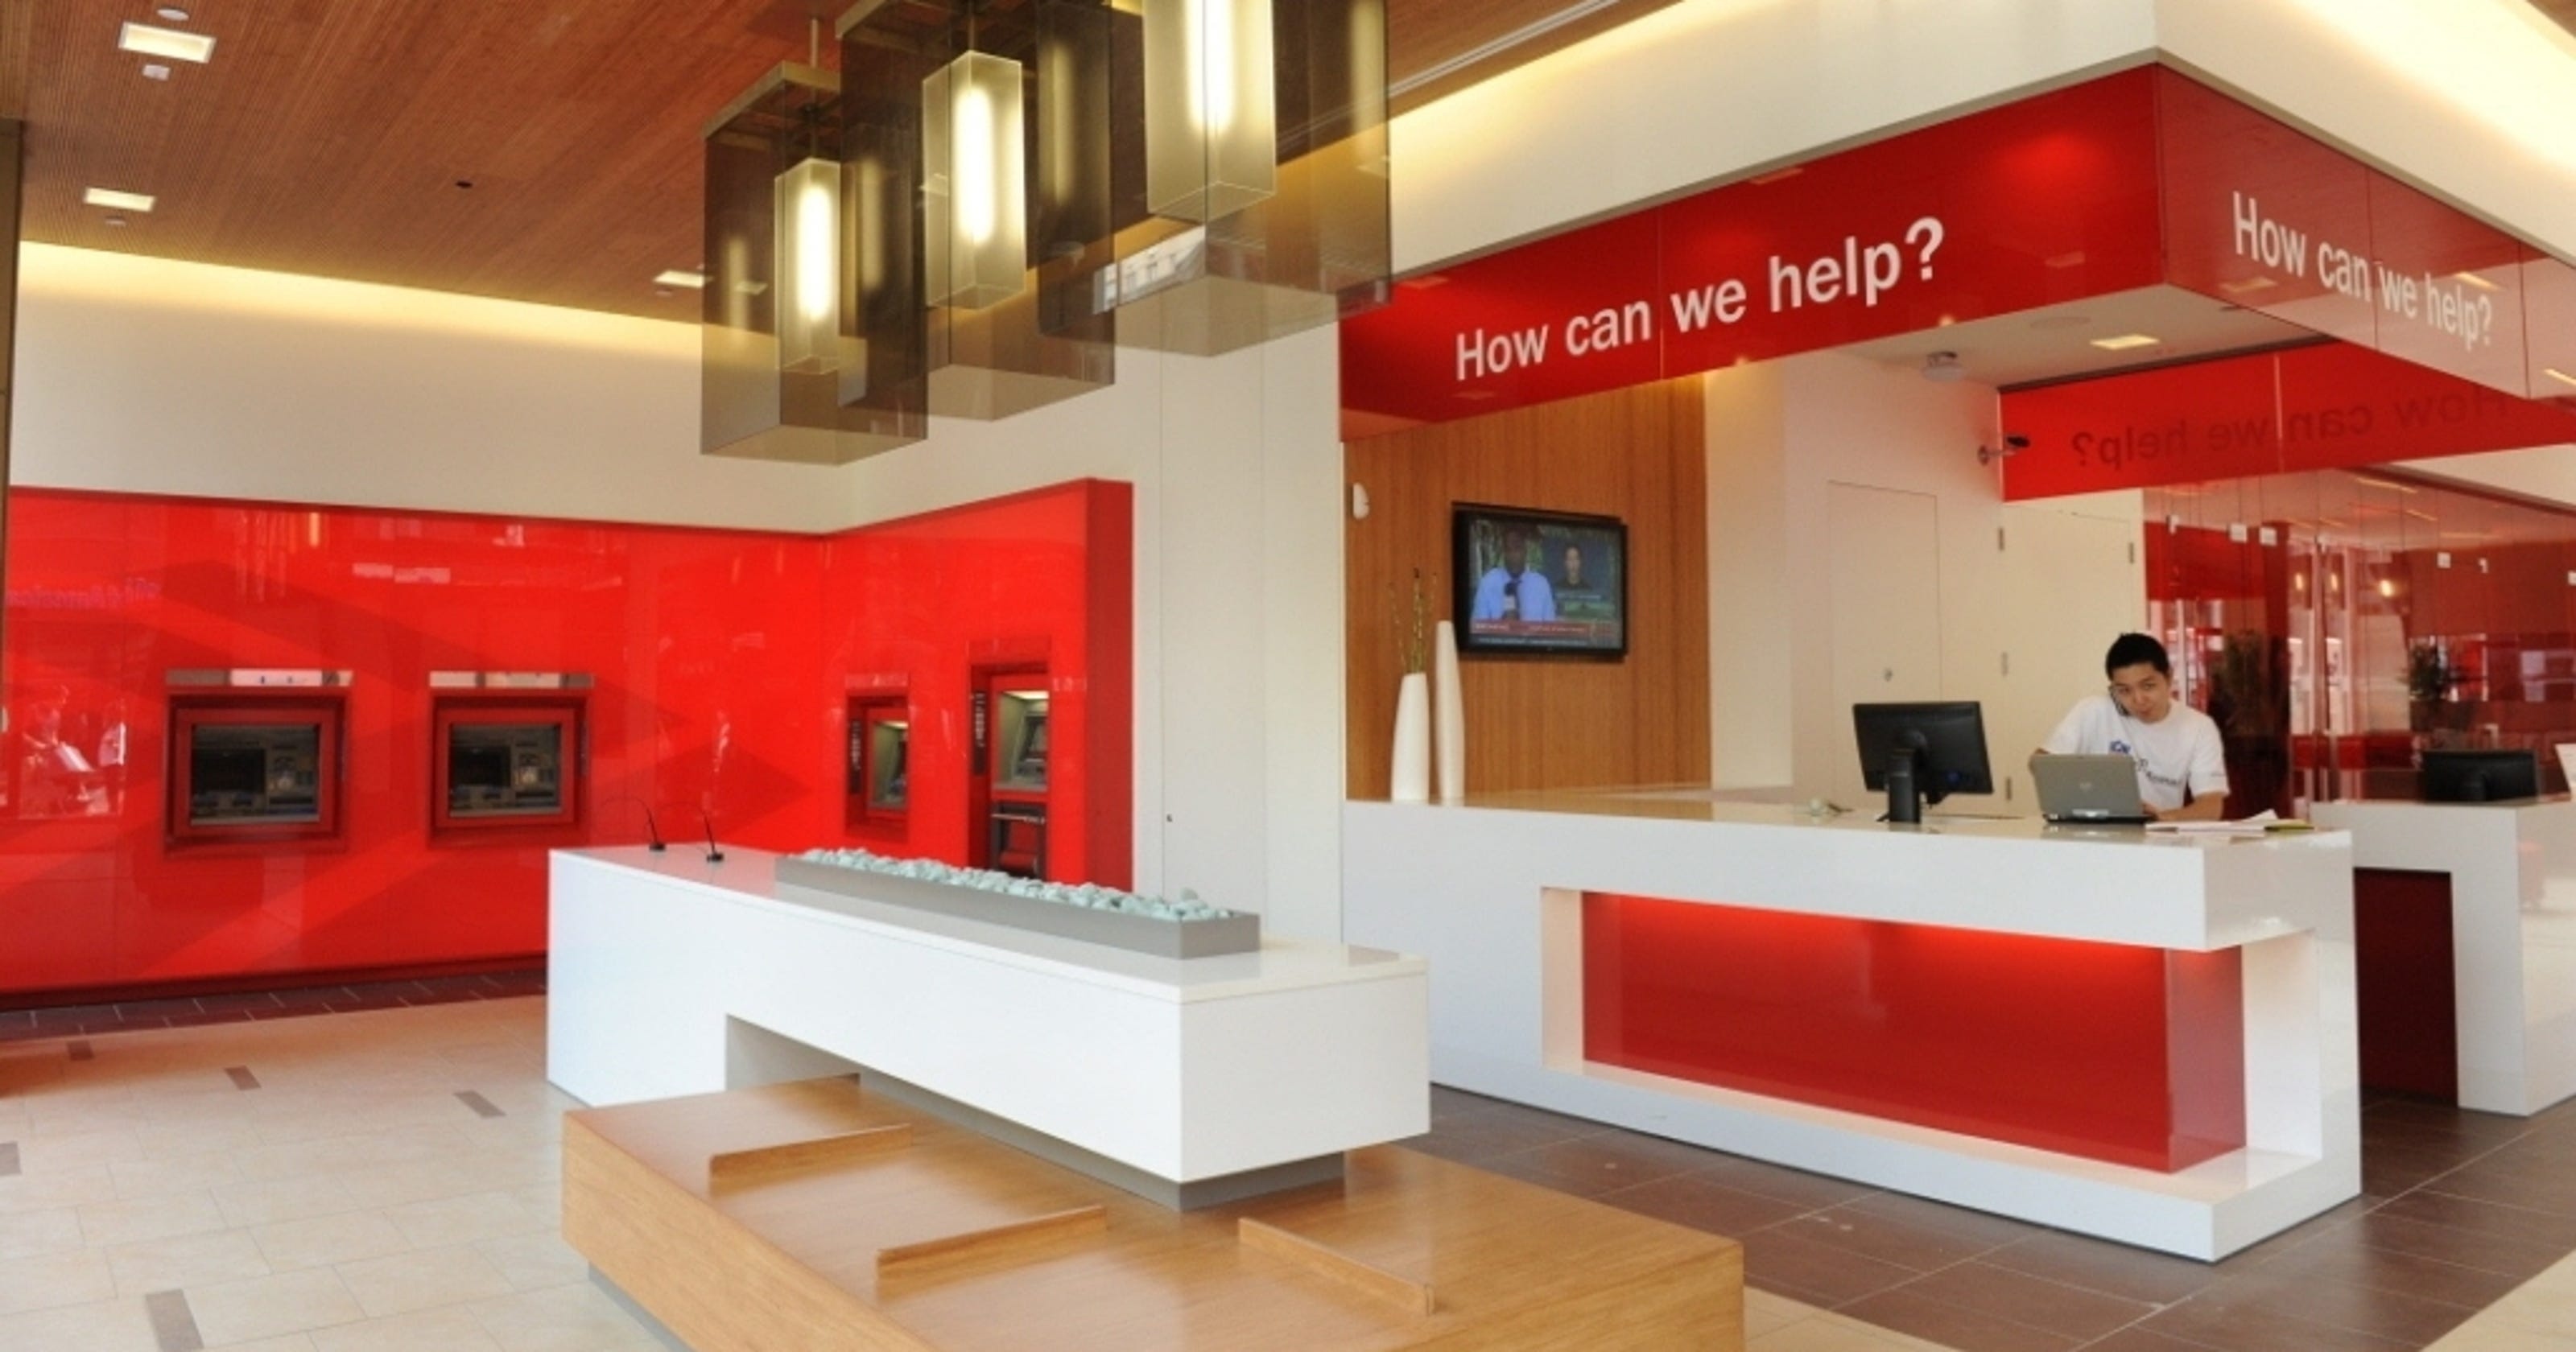 Bank Of America Overhauls Bank Branches